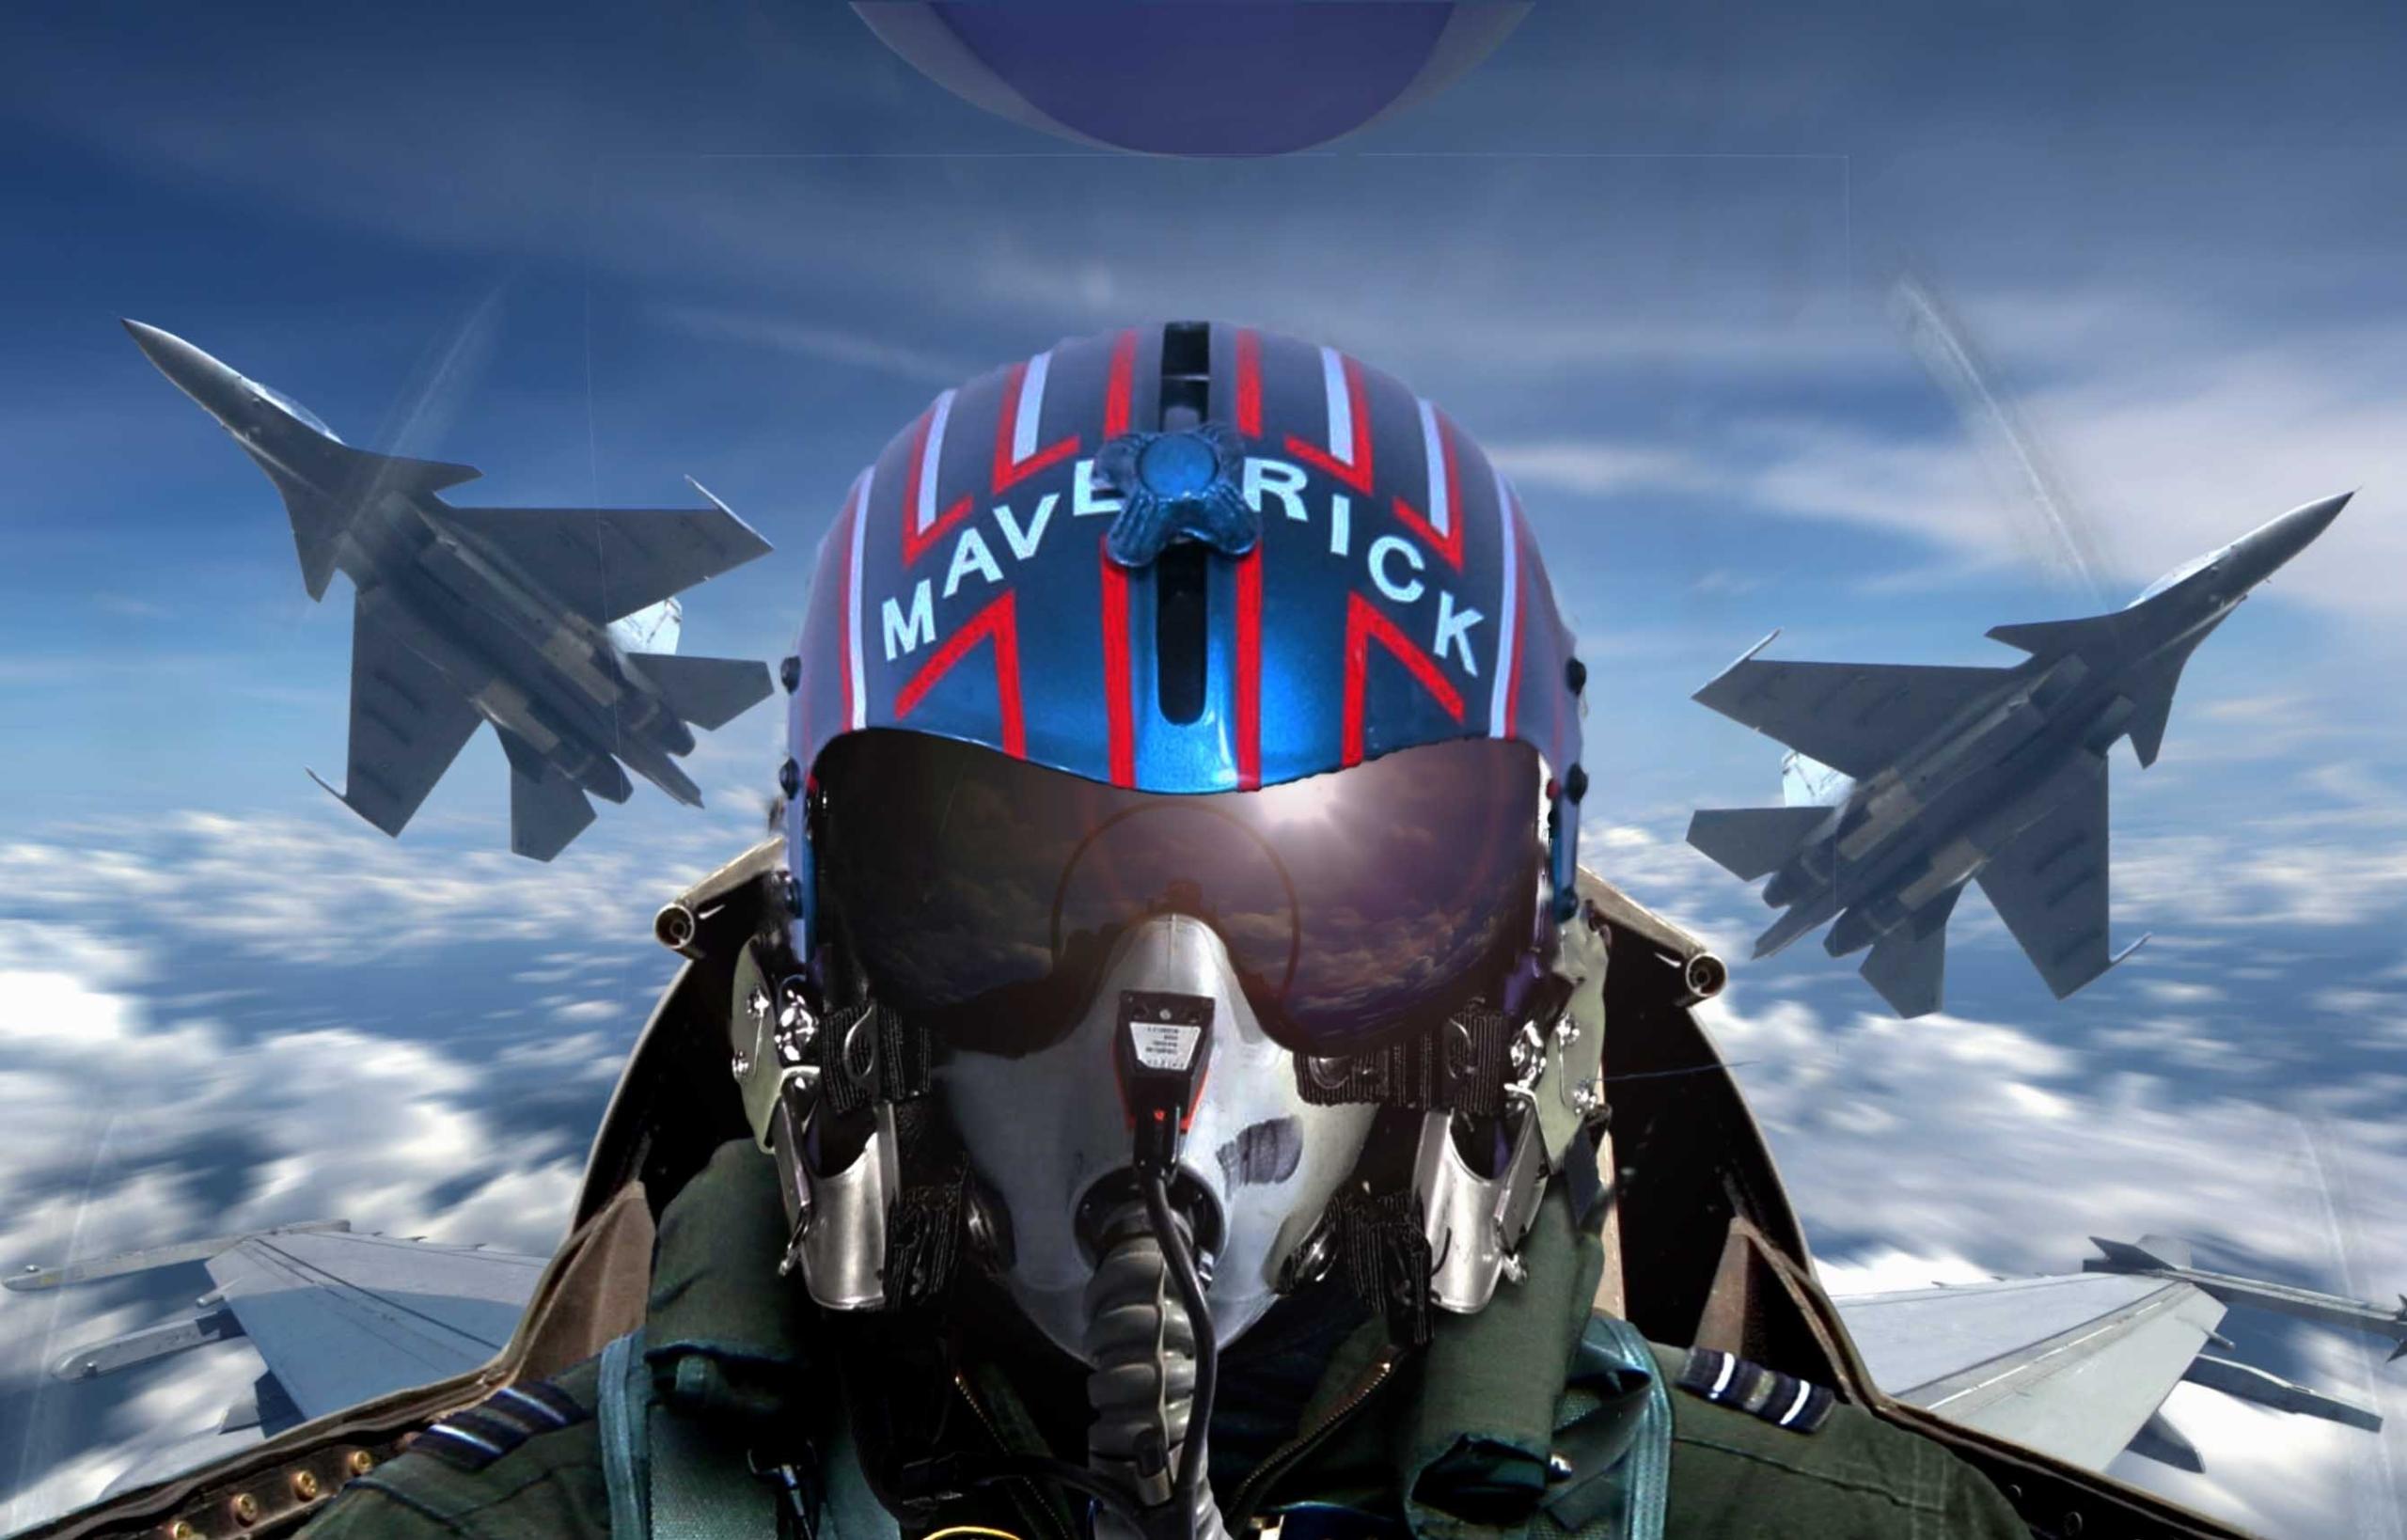 Top Gun maverick-2